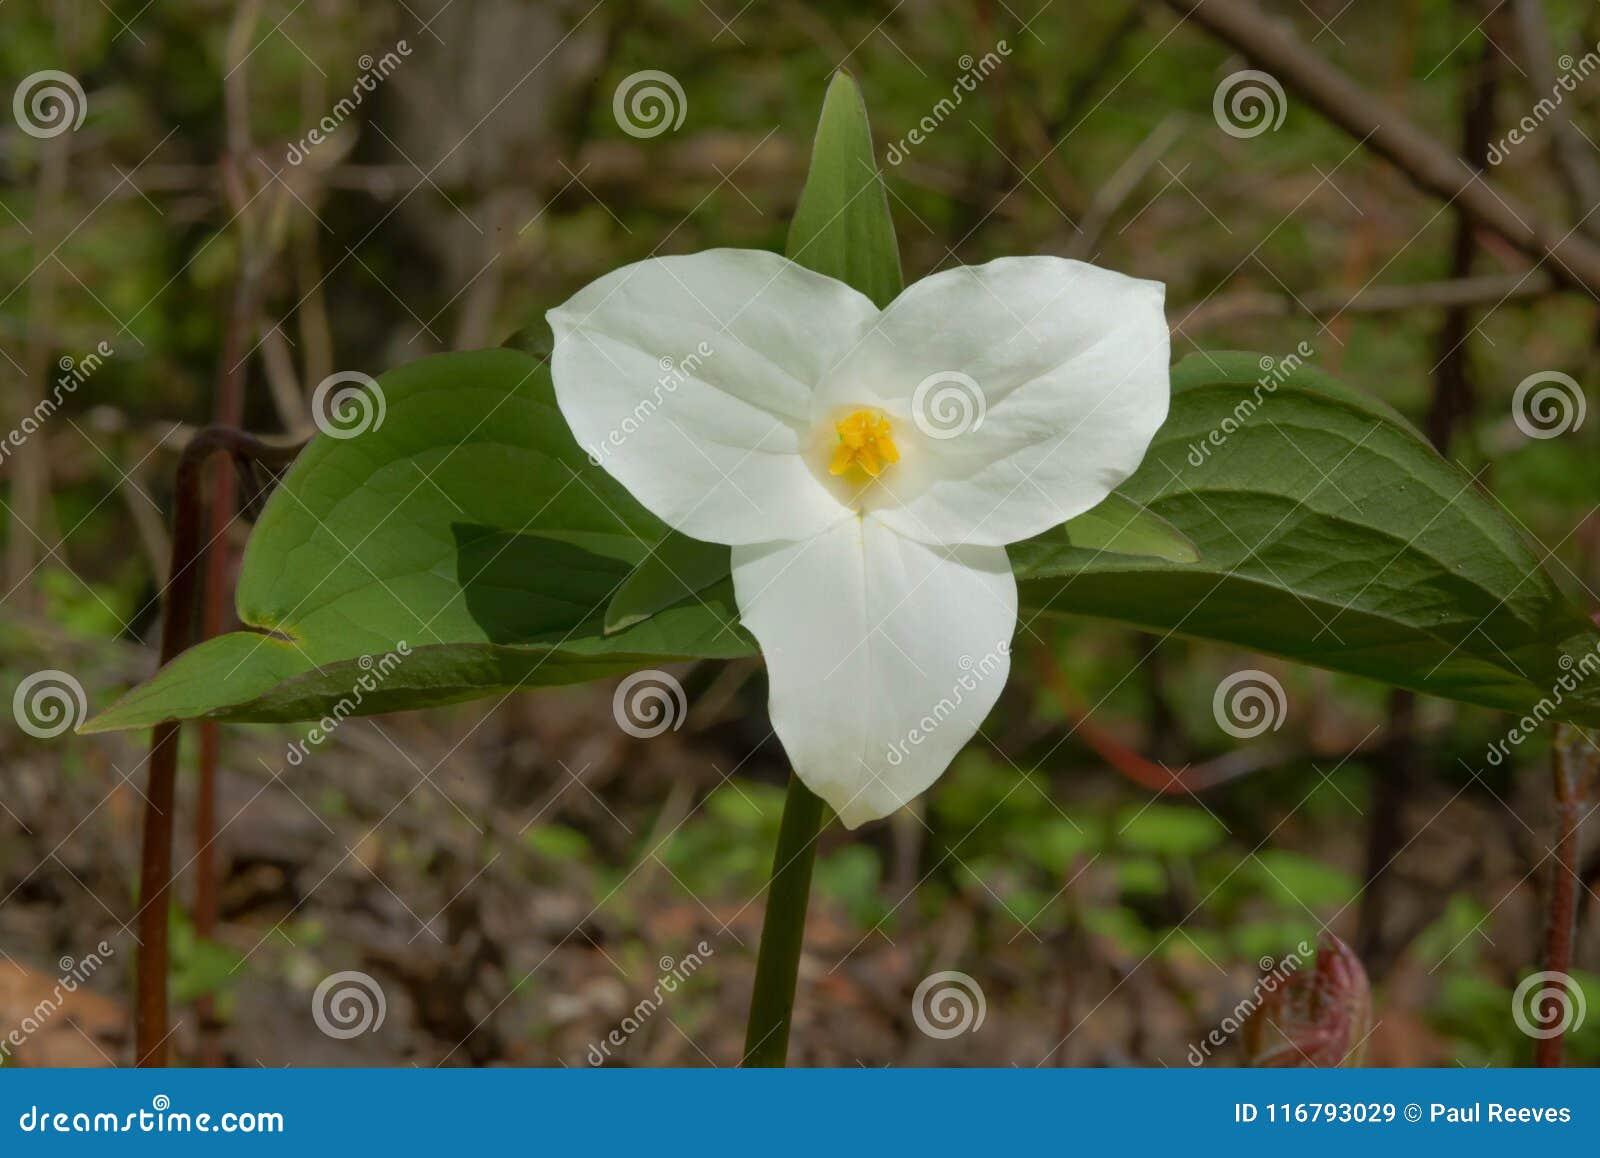 白色延龄草